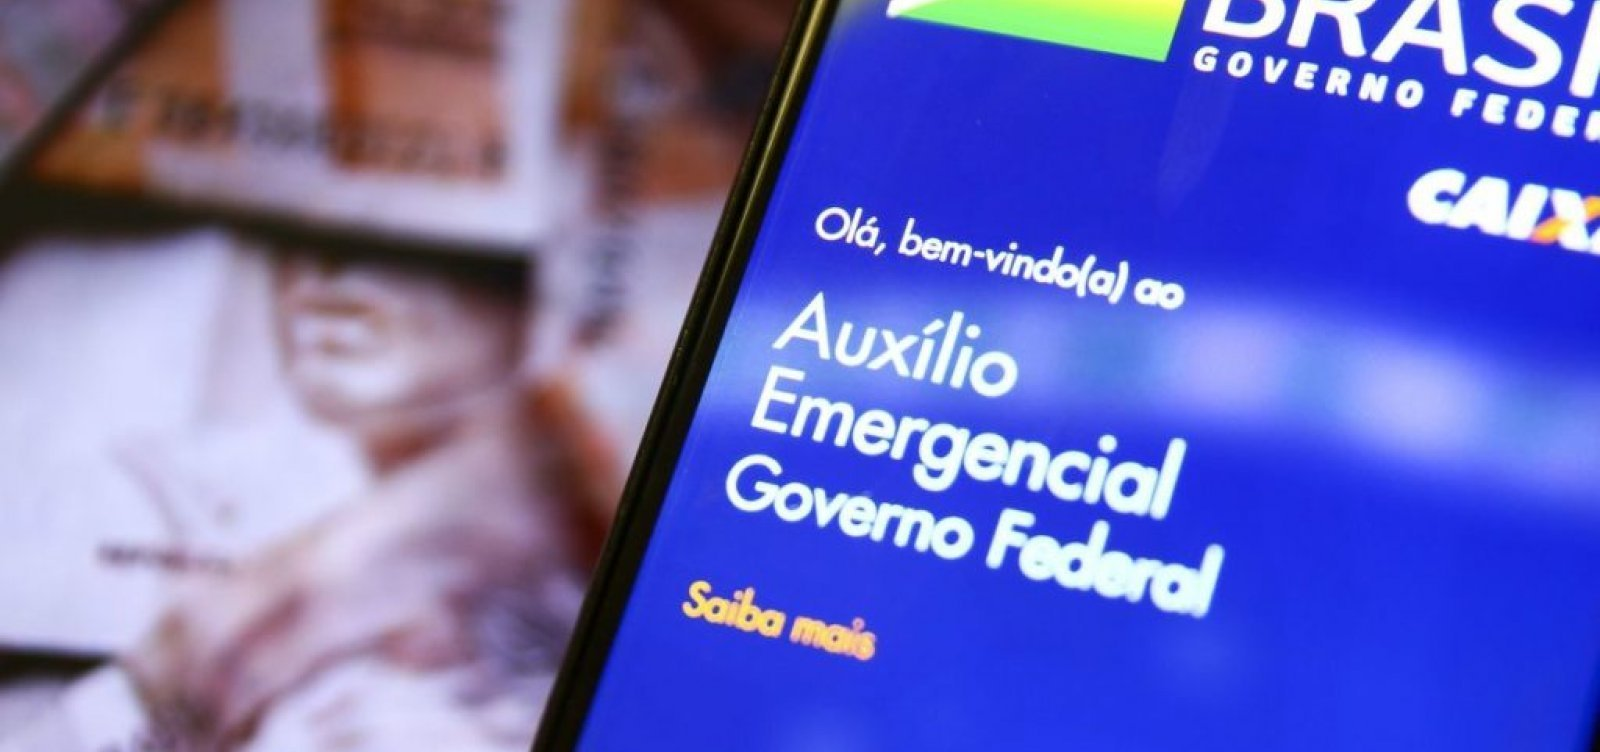 Equipe do Ministério da Economia é contra recriar imposto para custear auxílio emergencial